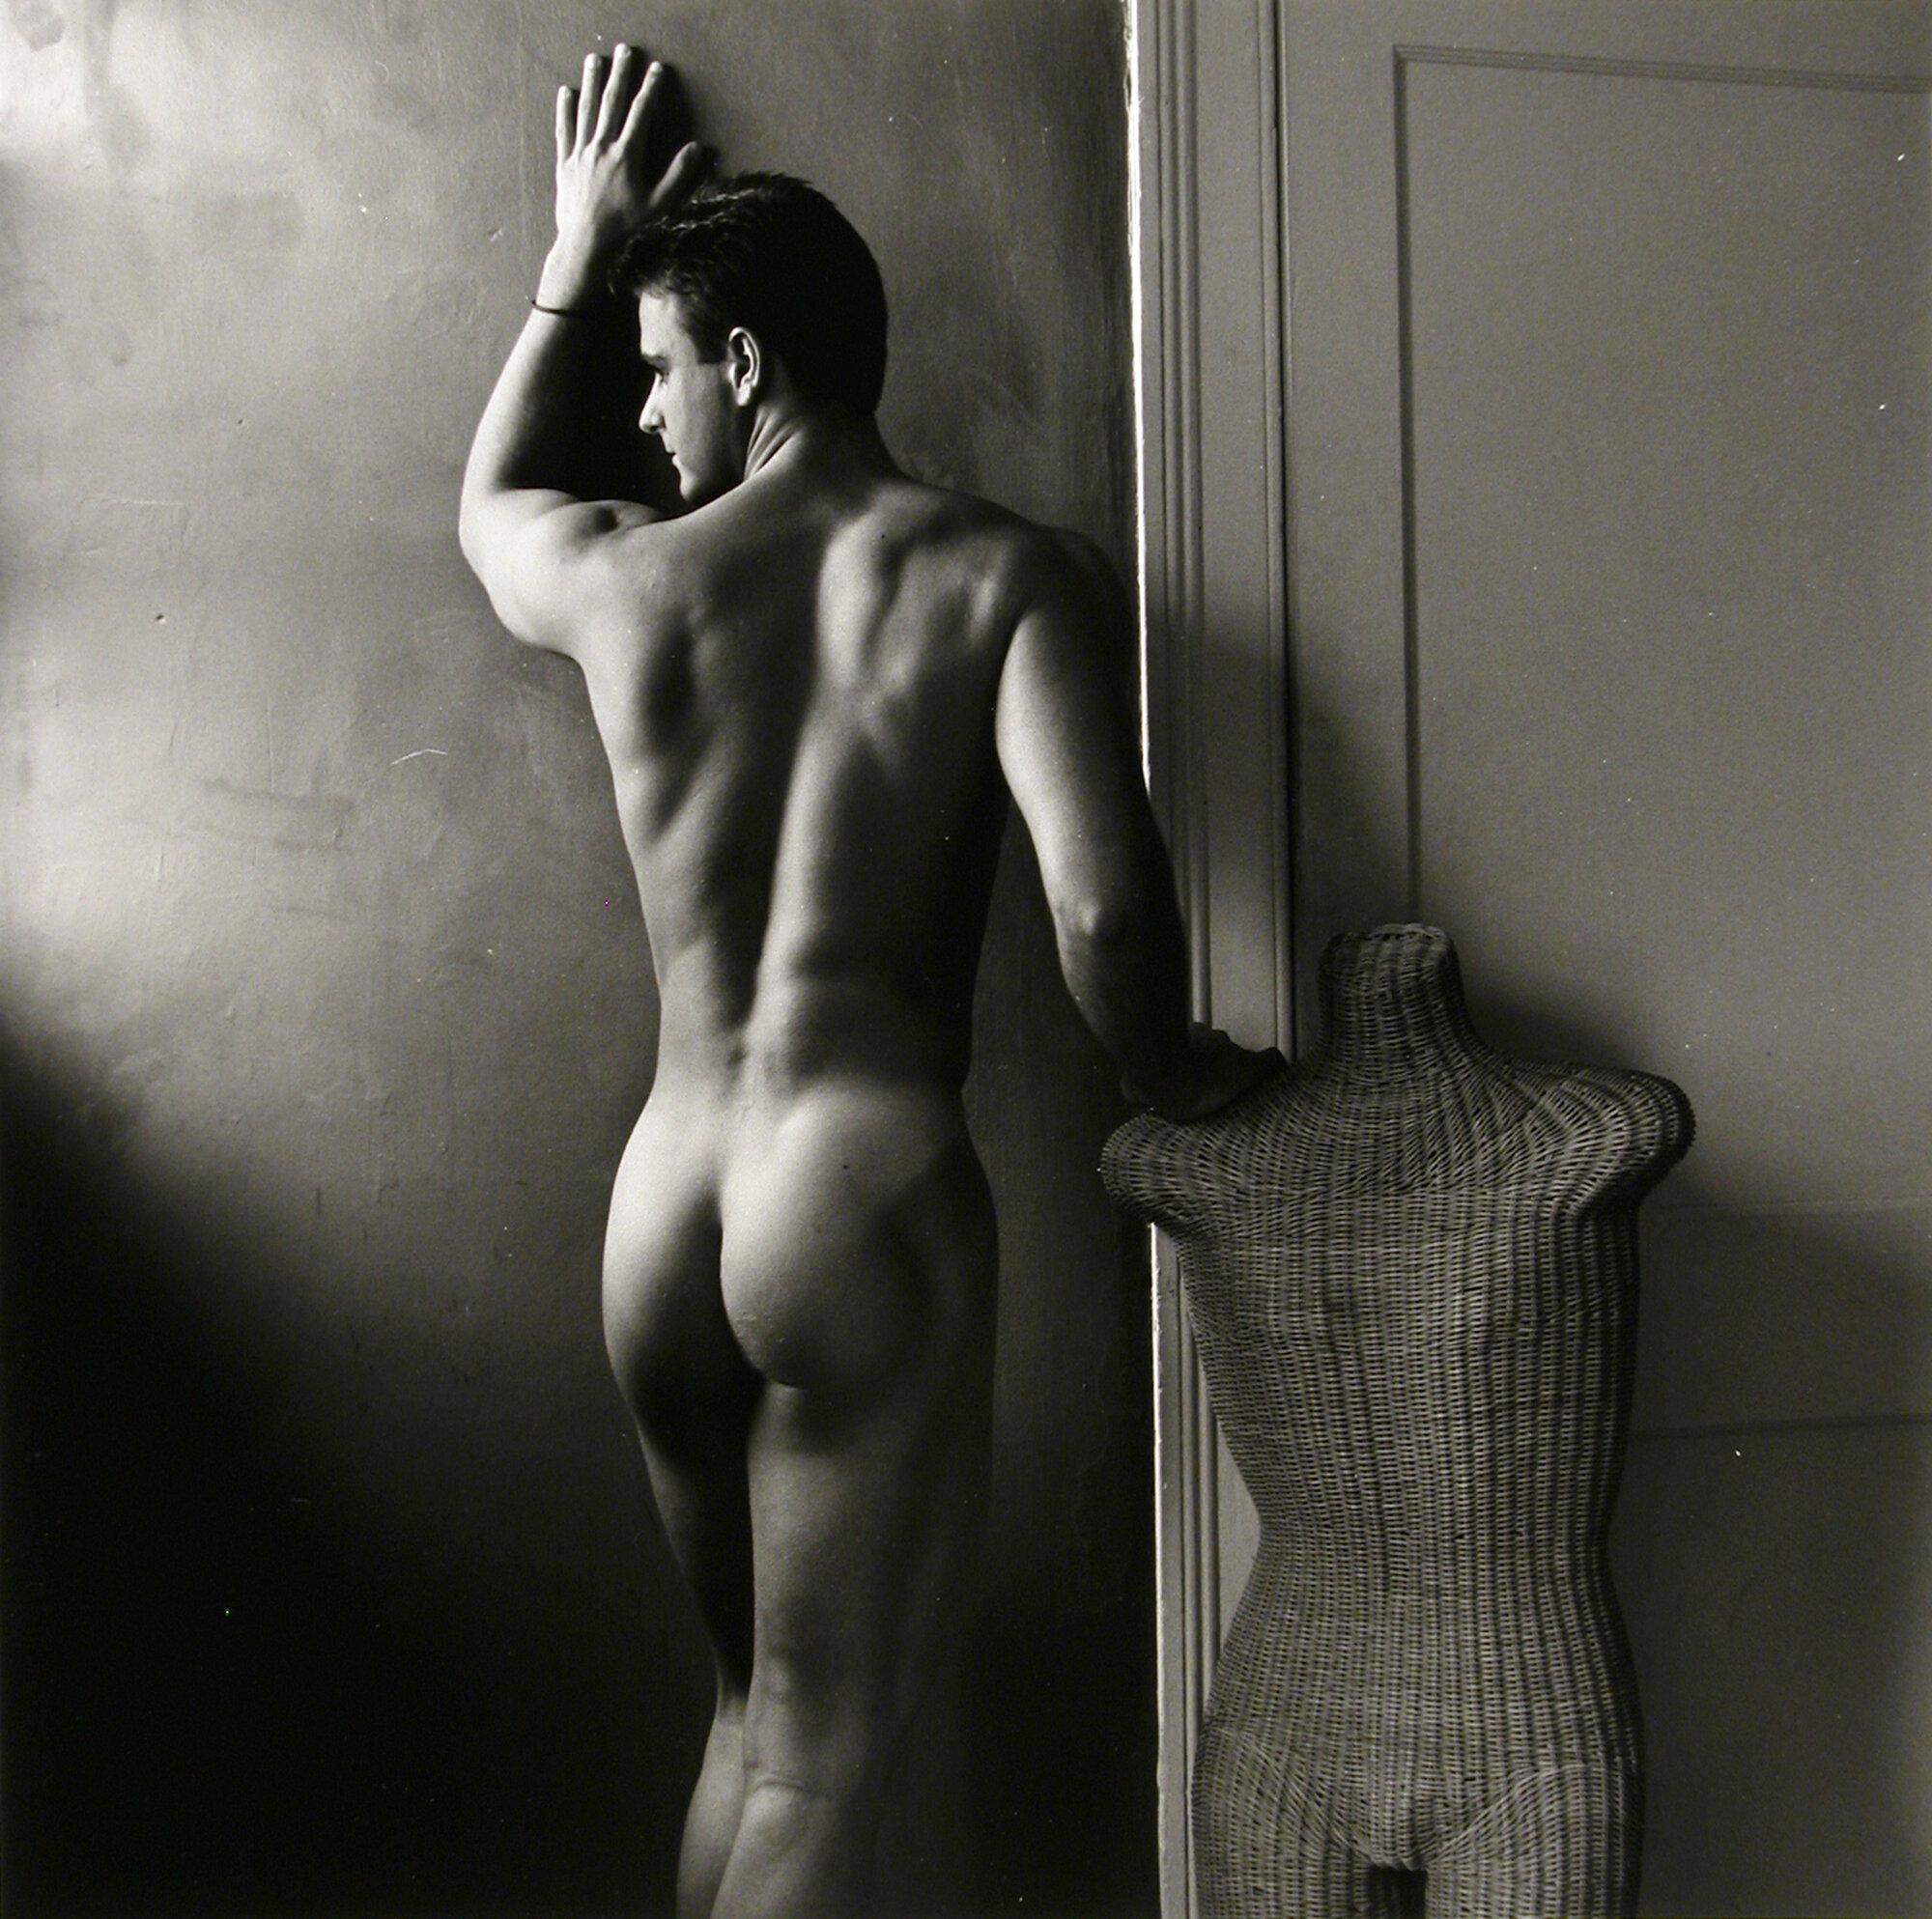 Giard_Male Nude, Rearview, Wicker Torso (0114)_1990.JPG